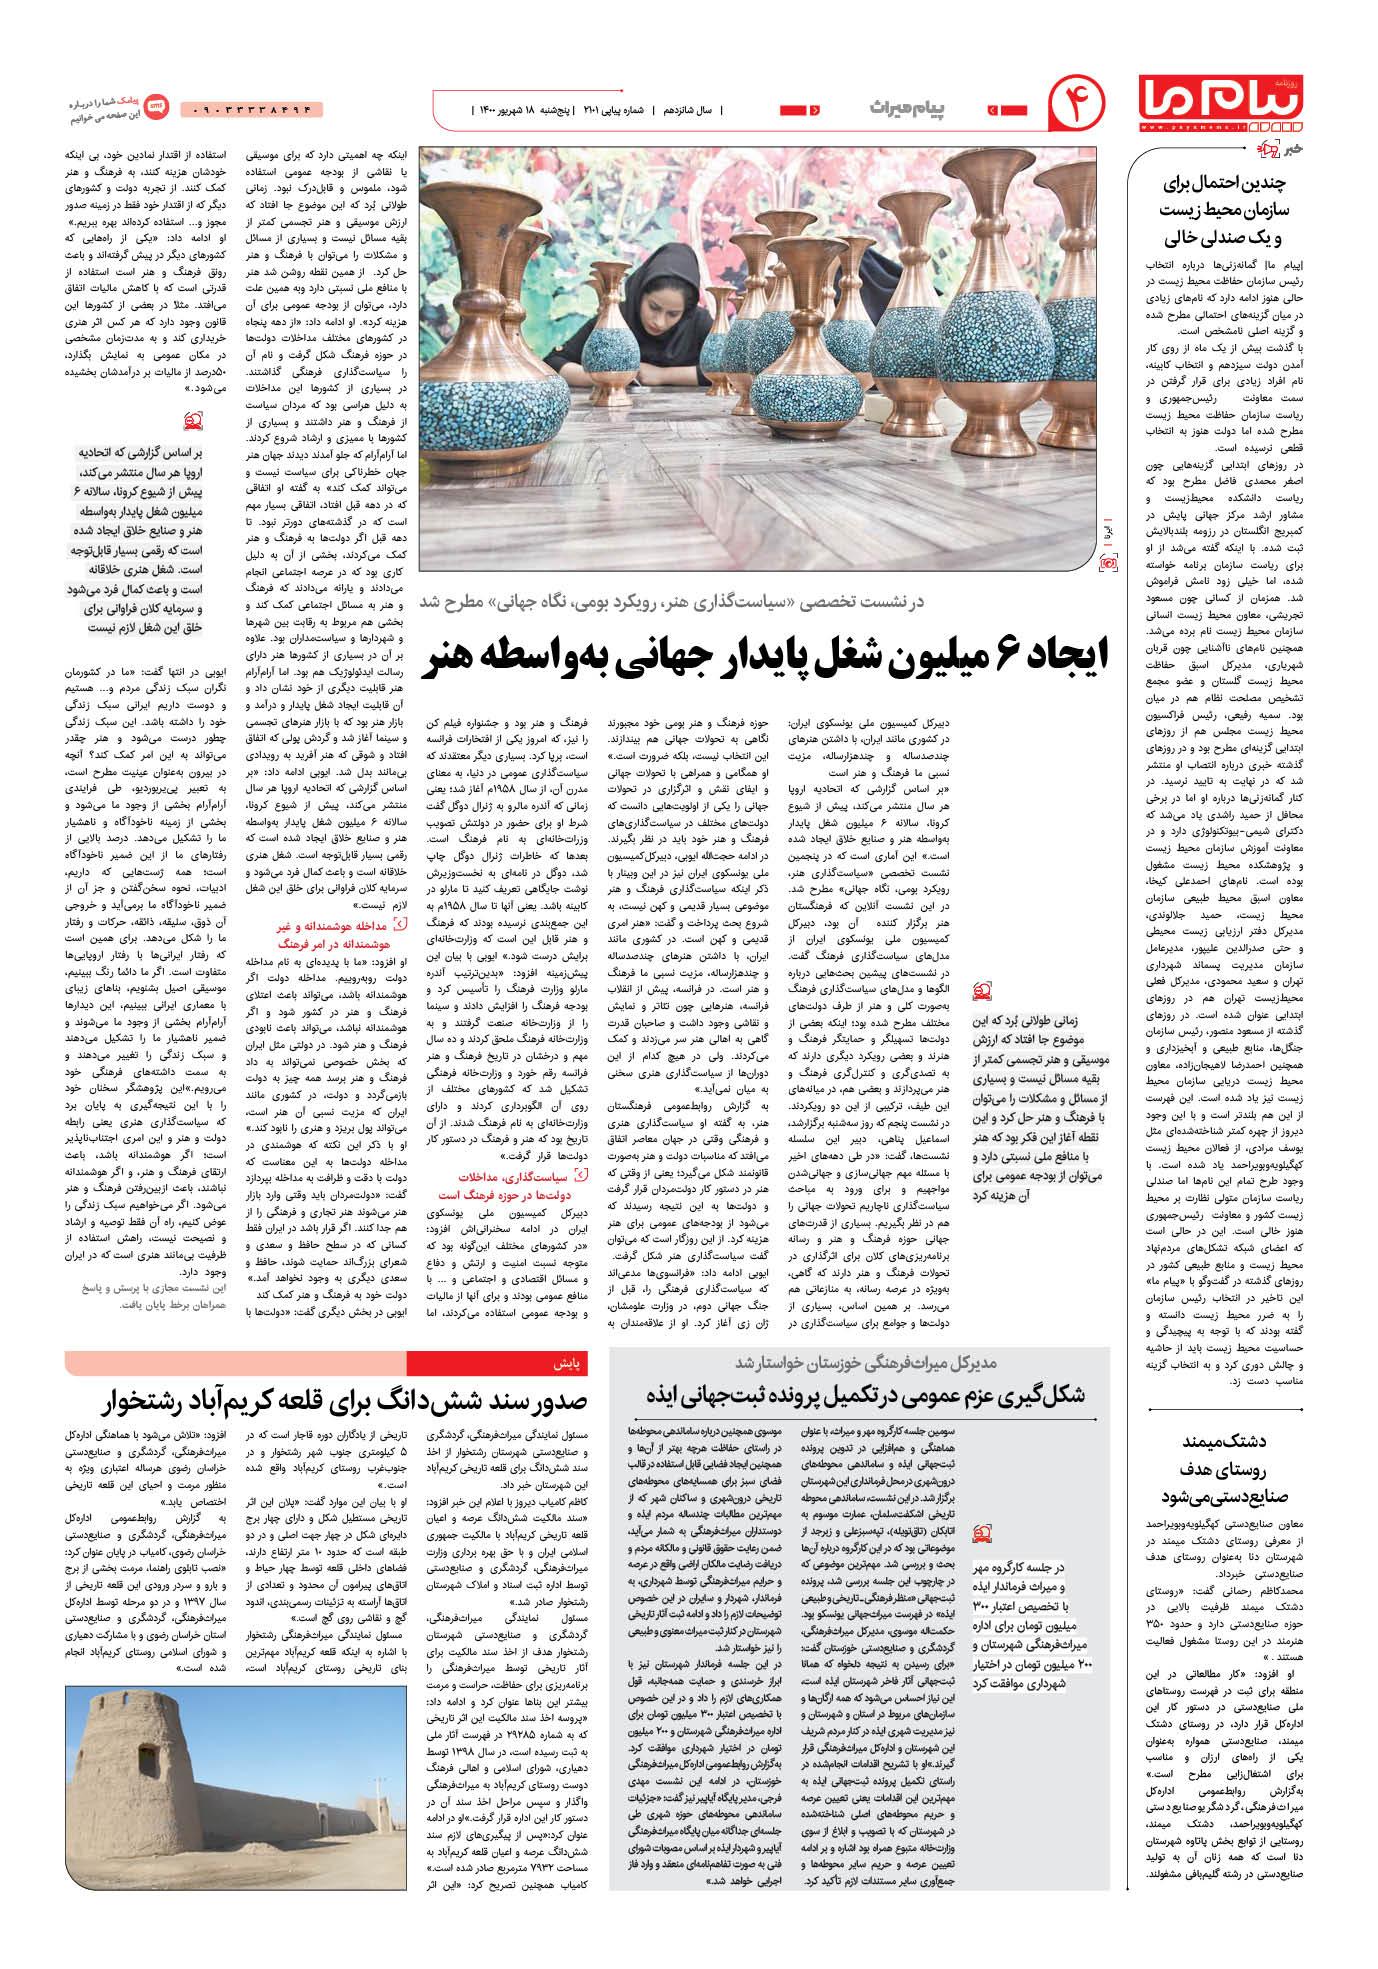 صفحه پیام میراث شماره 2101 روزنامه پیام ما